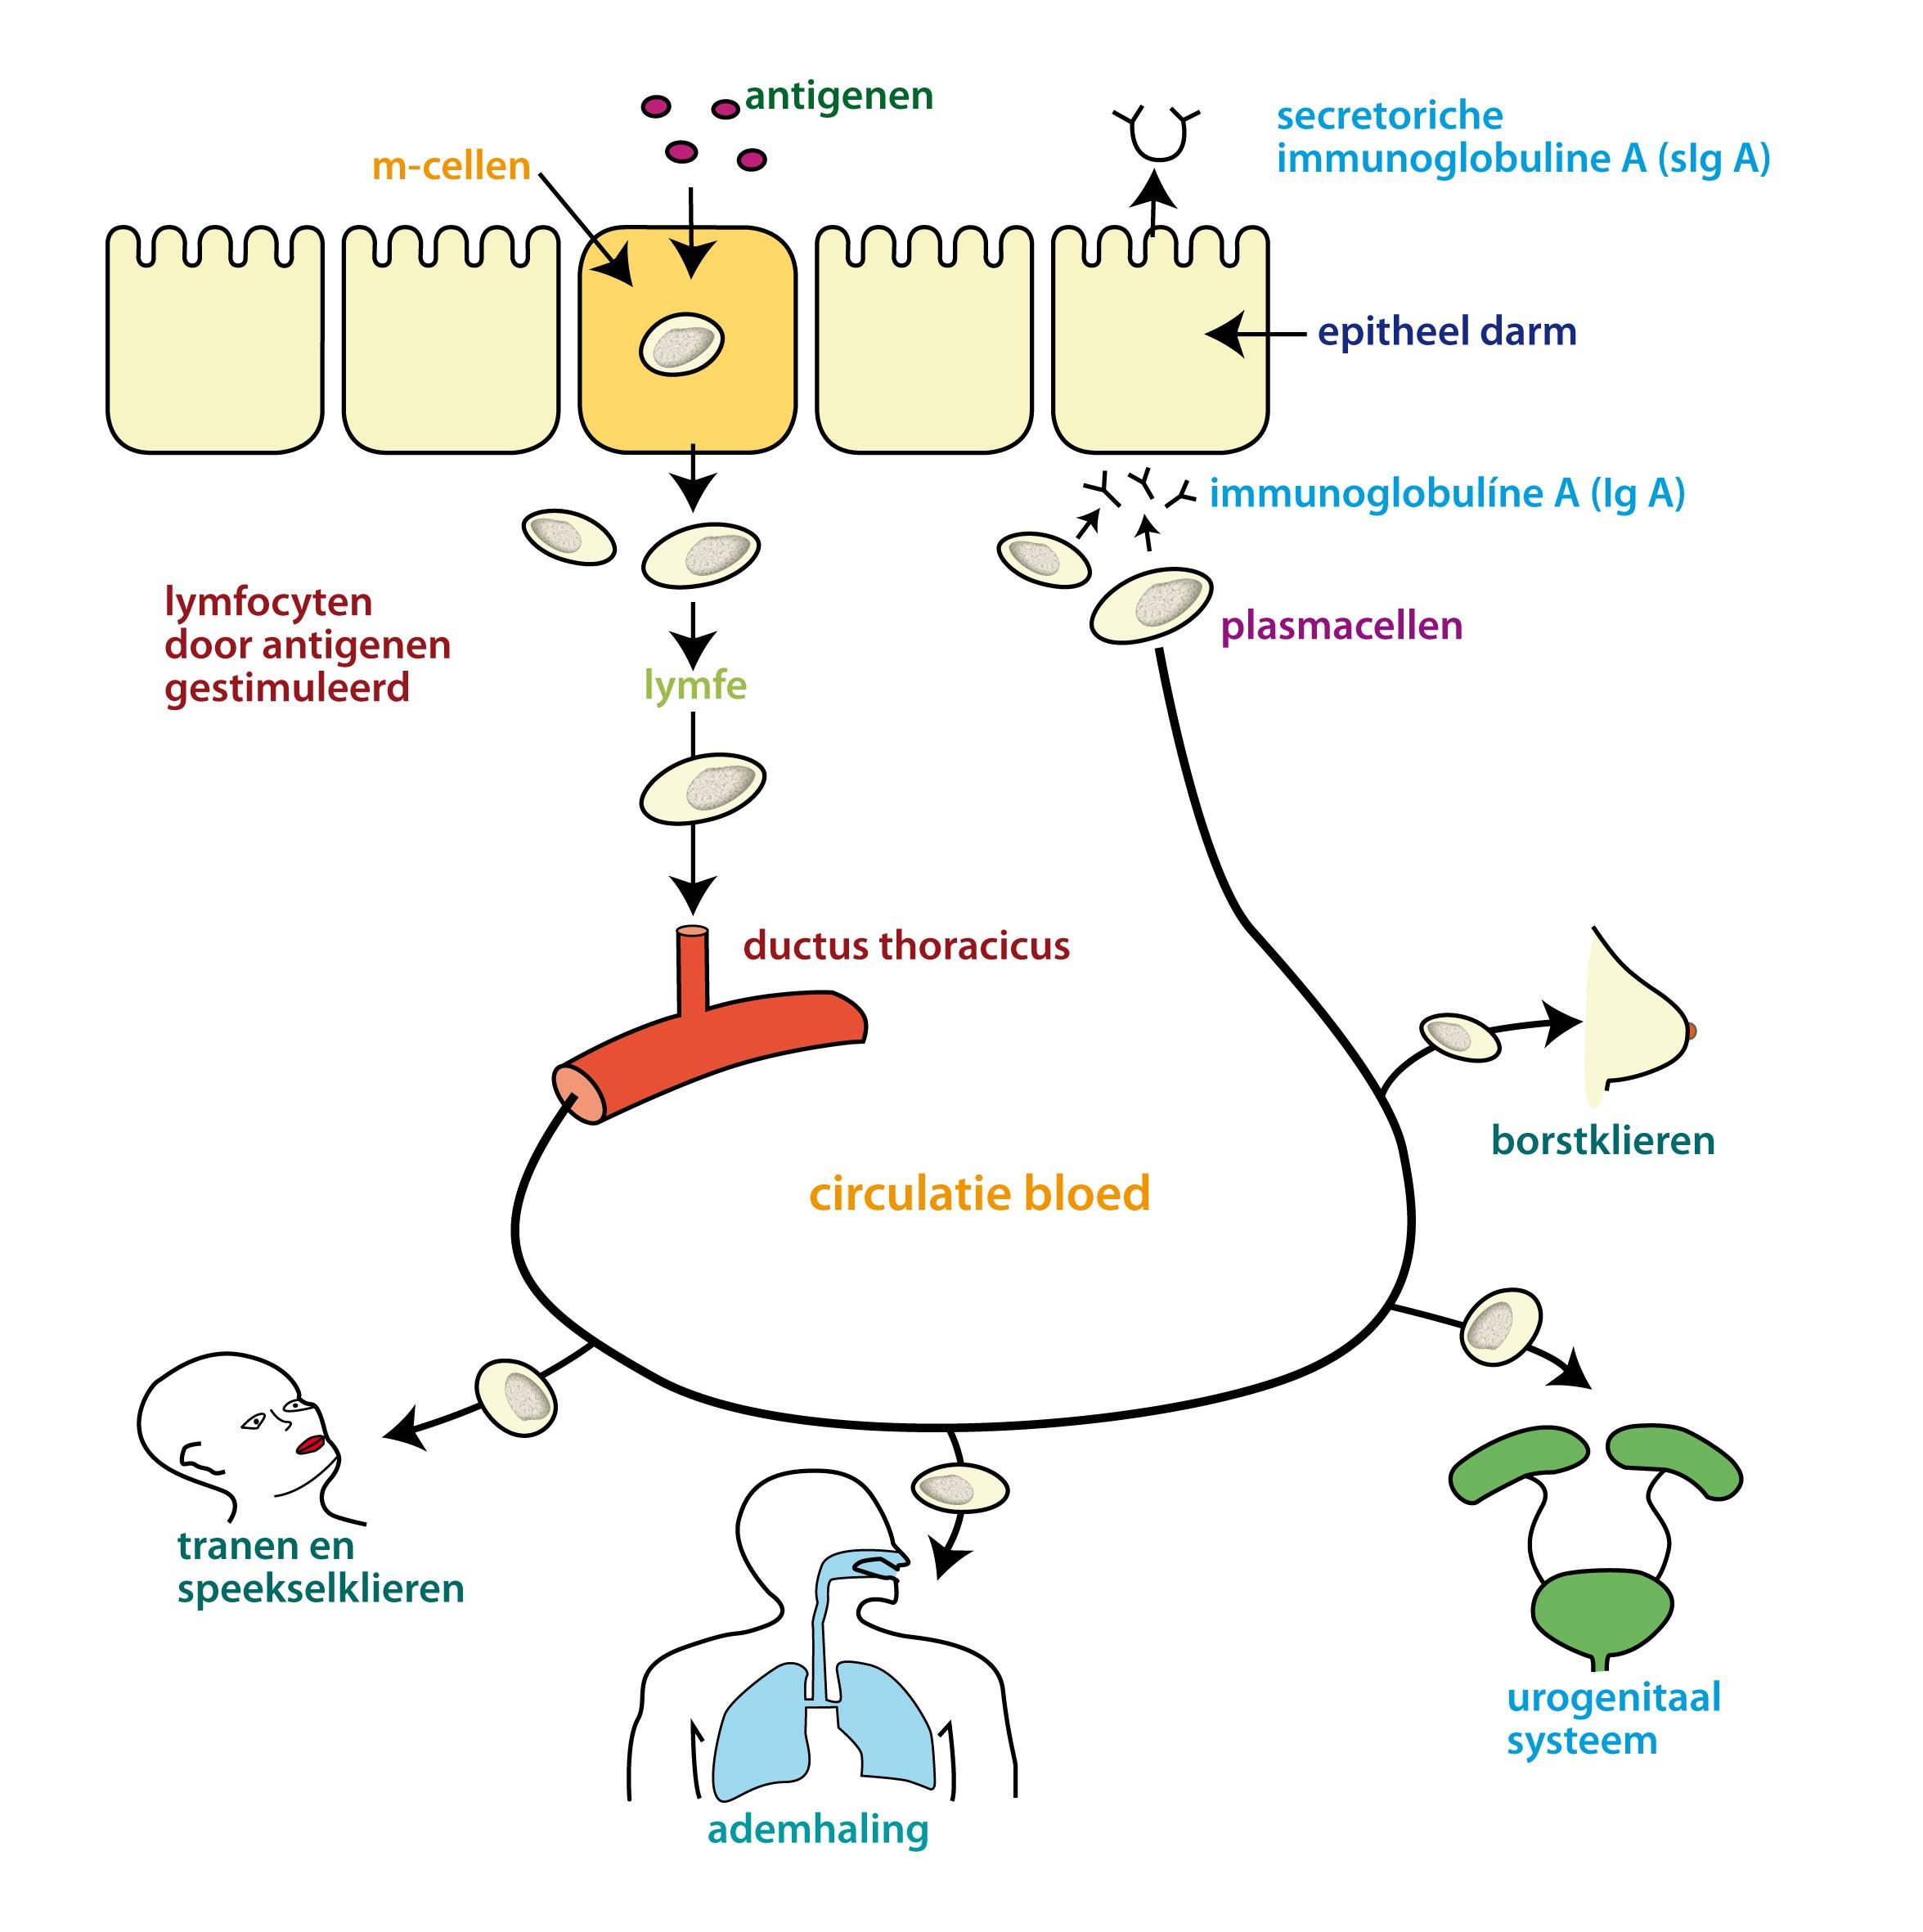 MHet immuunsysteem van de slijmvliezen in de vagina vormt één geheel